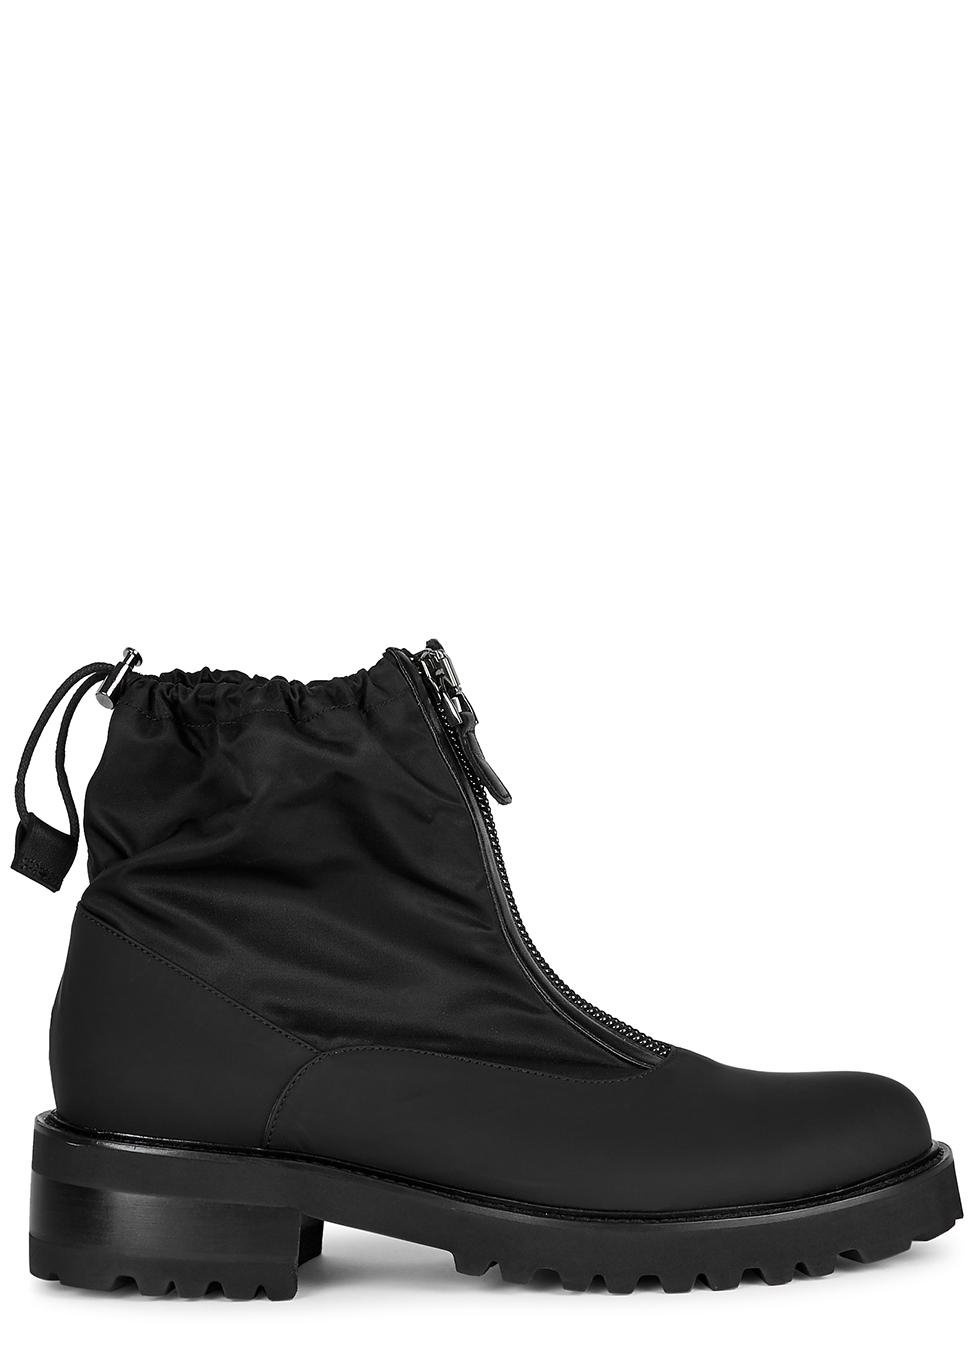 Tatum 50 black rubberised ankle boots